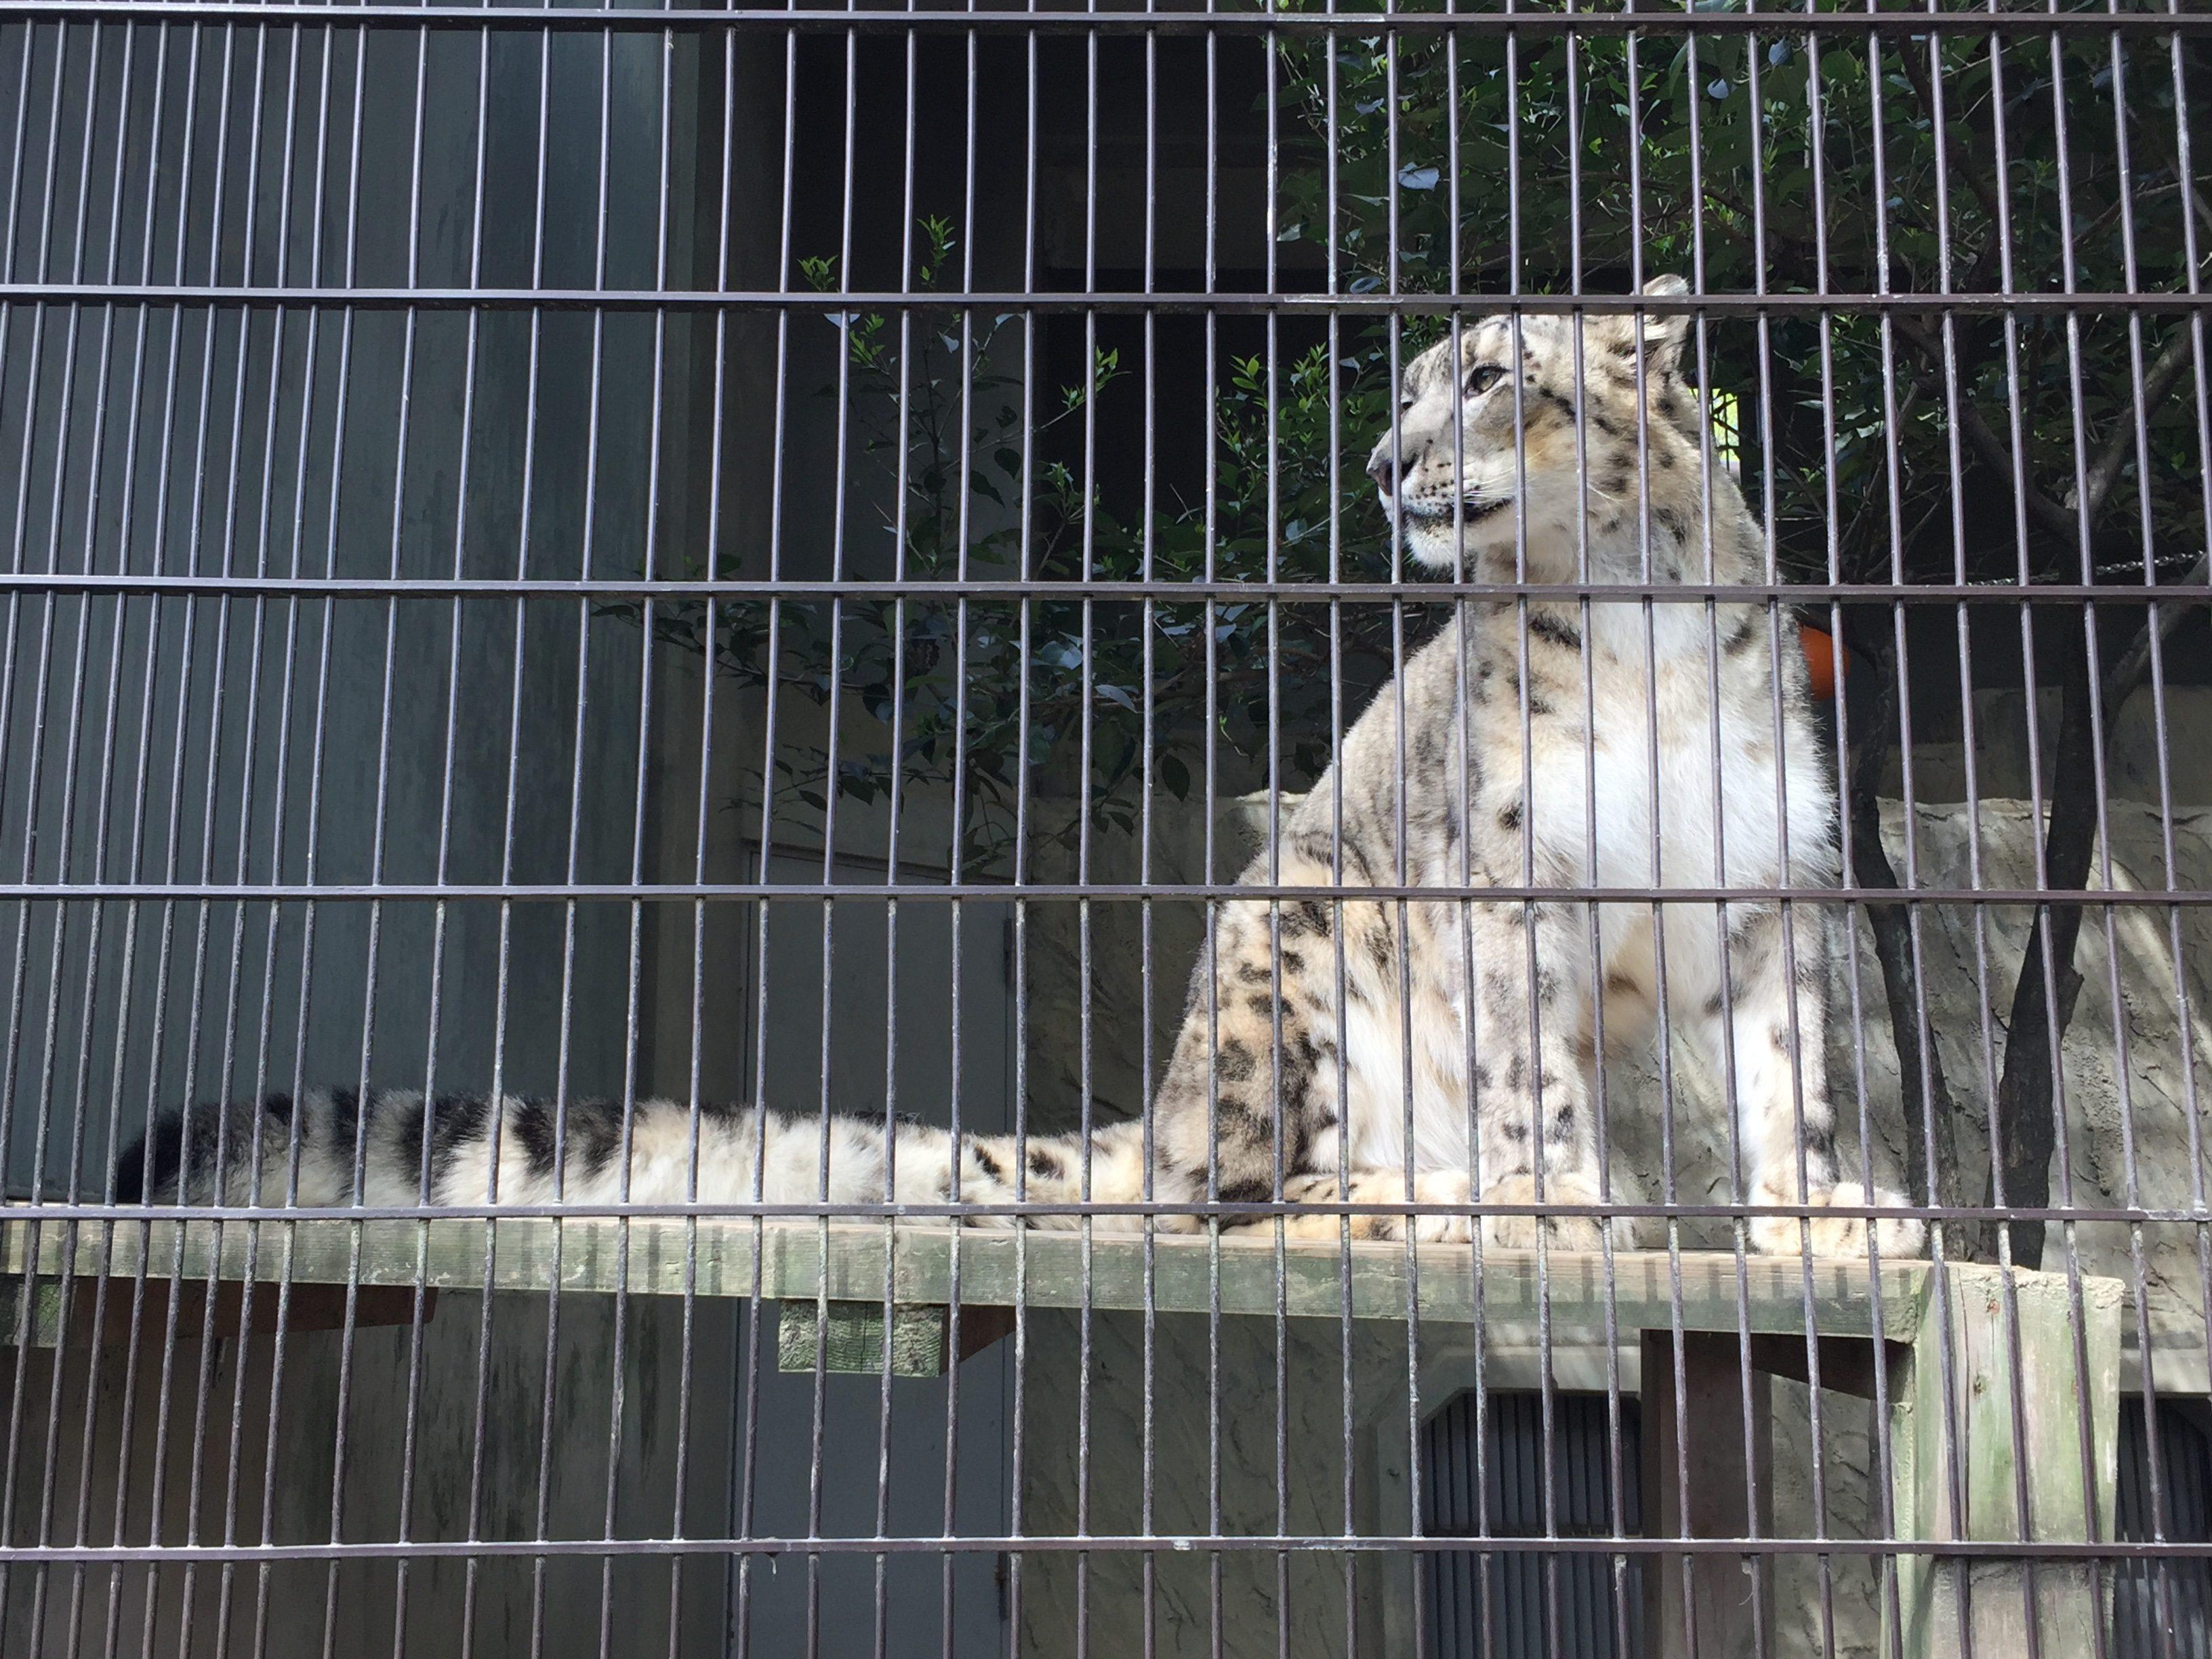 higashiyama-zoo-pantherauncia